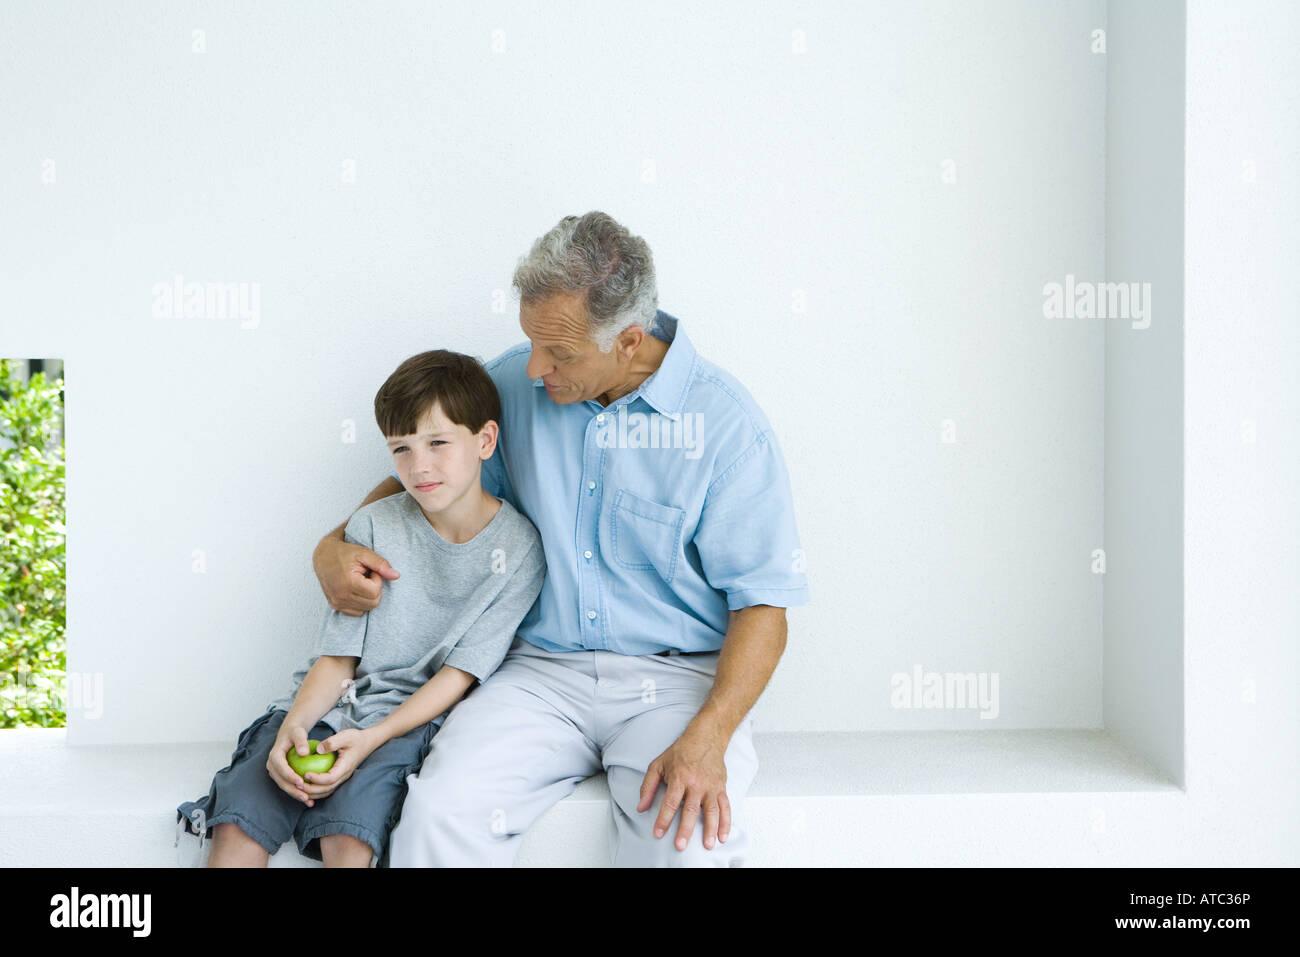 Mann, sitzend mit Arm um Enkel, chatten, beide wegschauen Stockbild